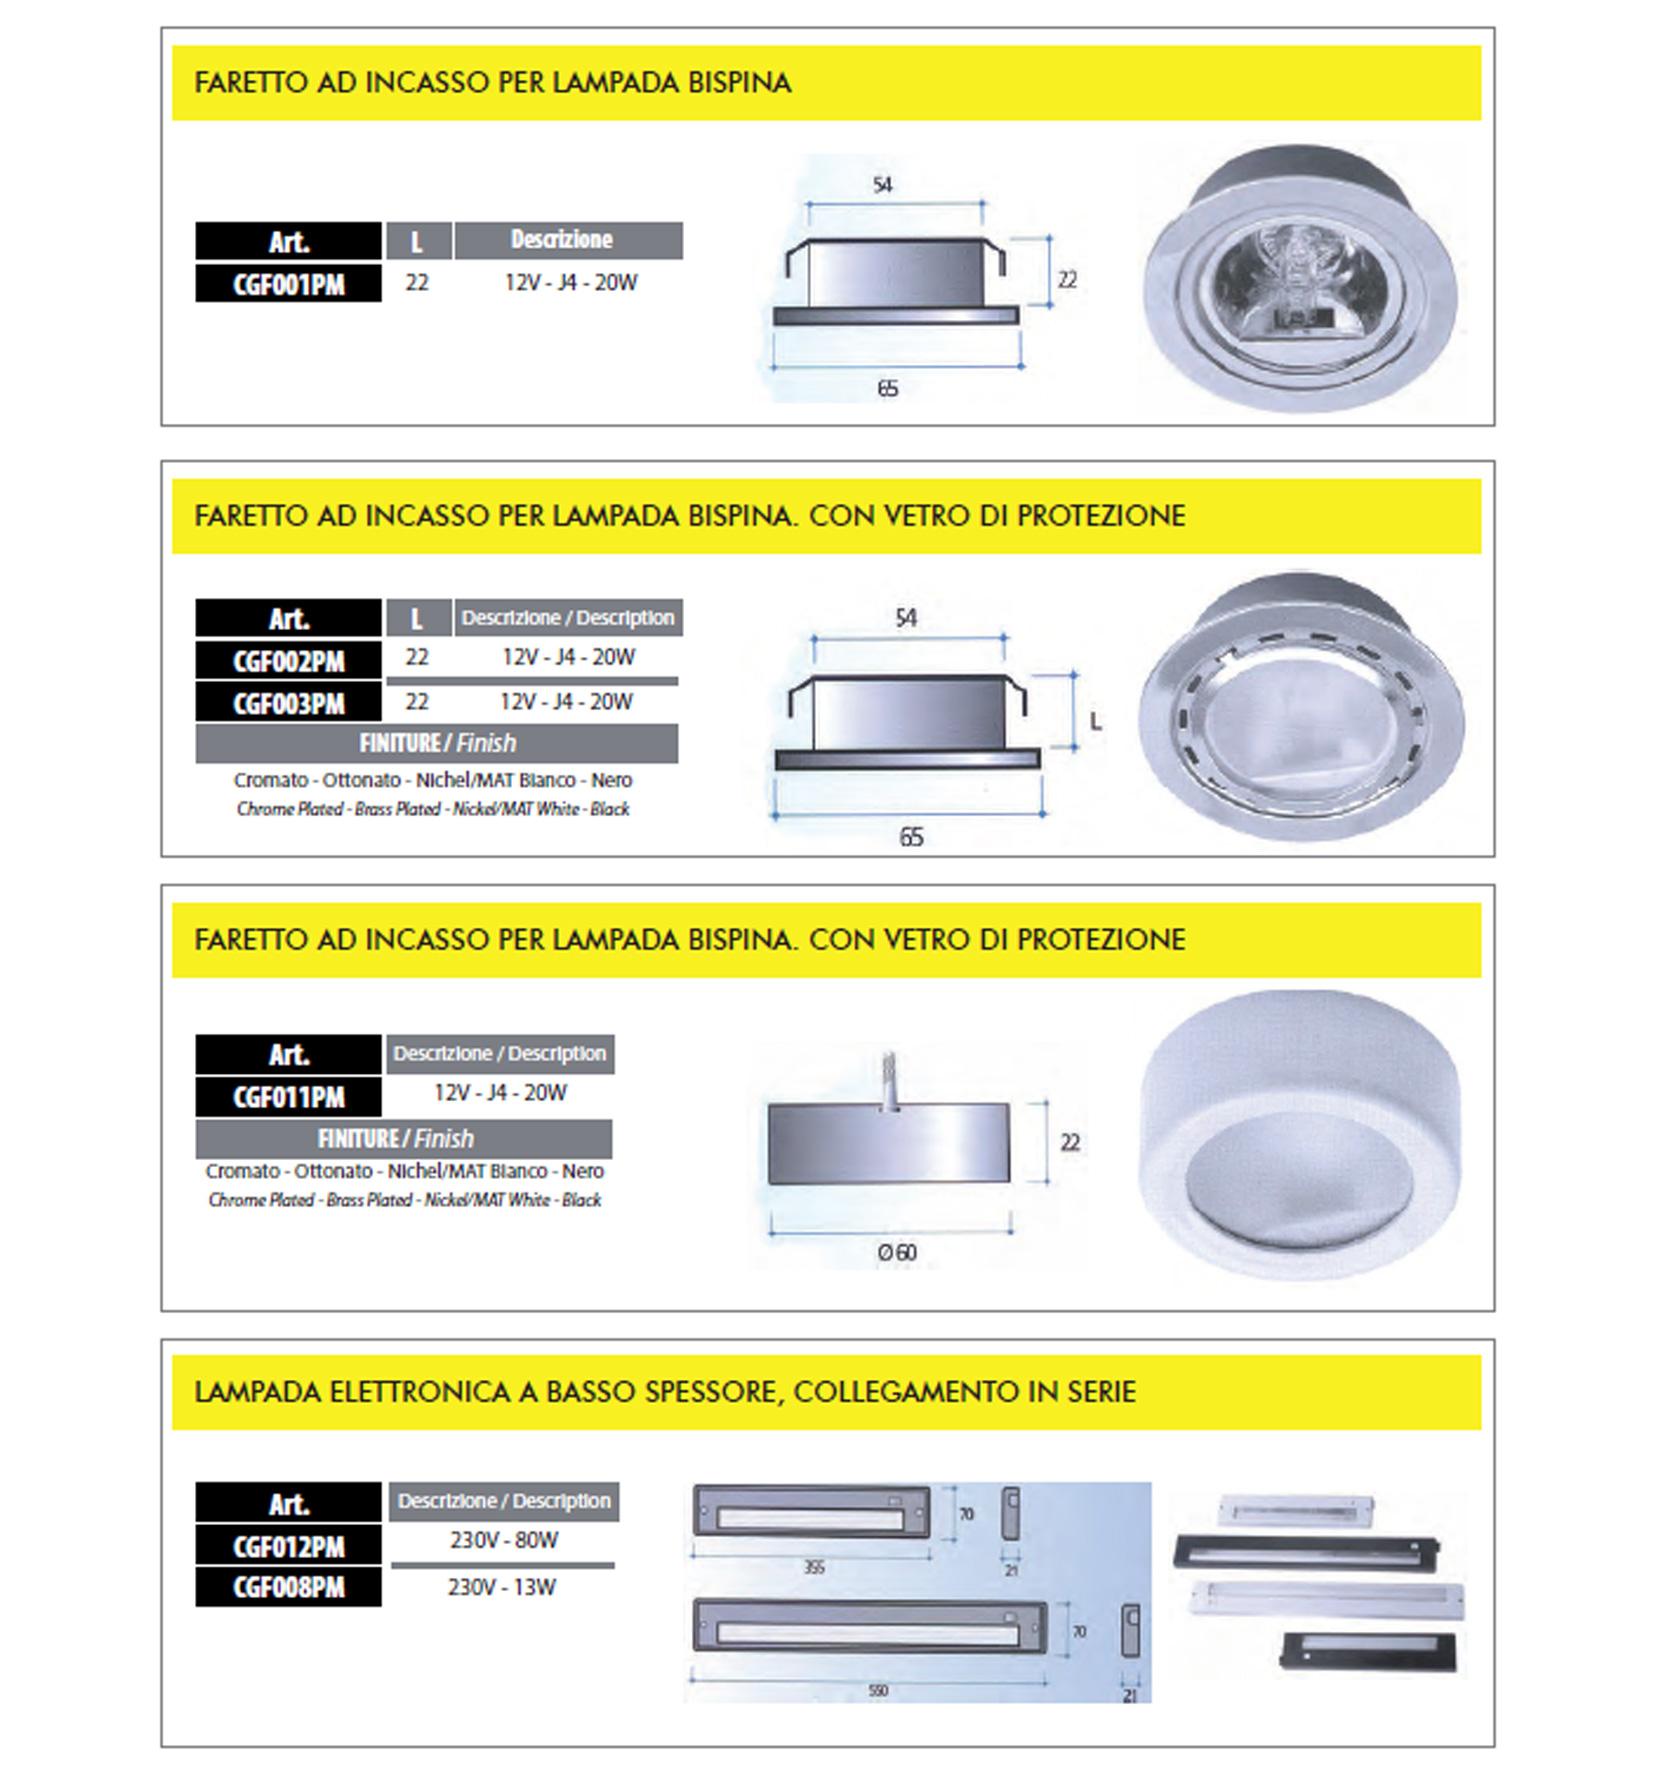 https://www.cgferramenta.it/wp-content/uploads/2021/01/Pagine-da-CG-ferramenta_accessori-per-cucina.jpg